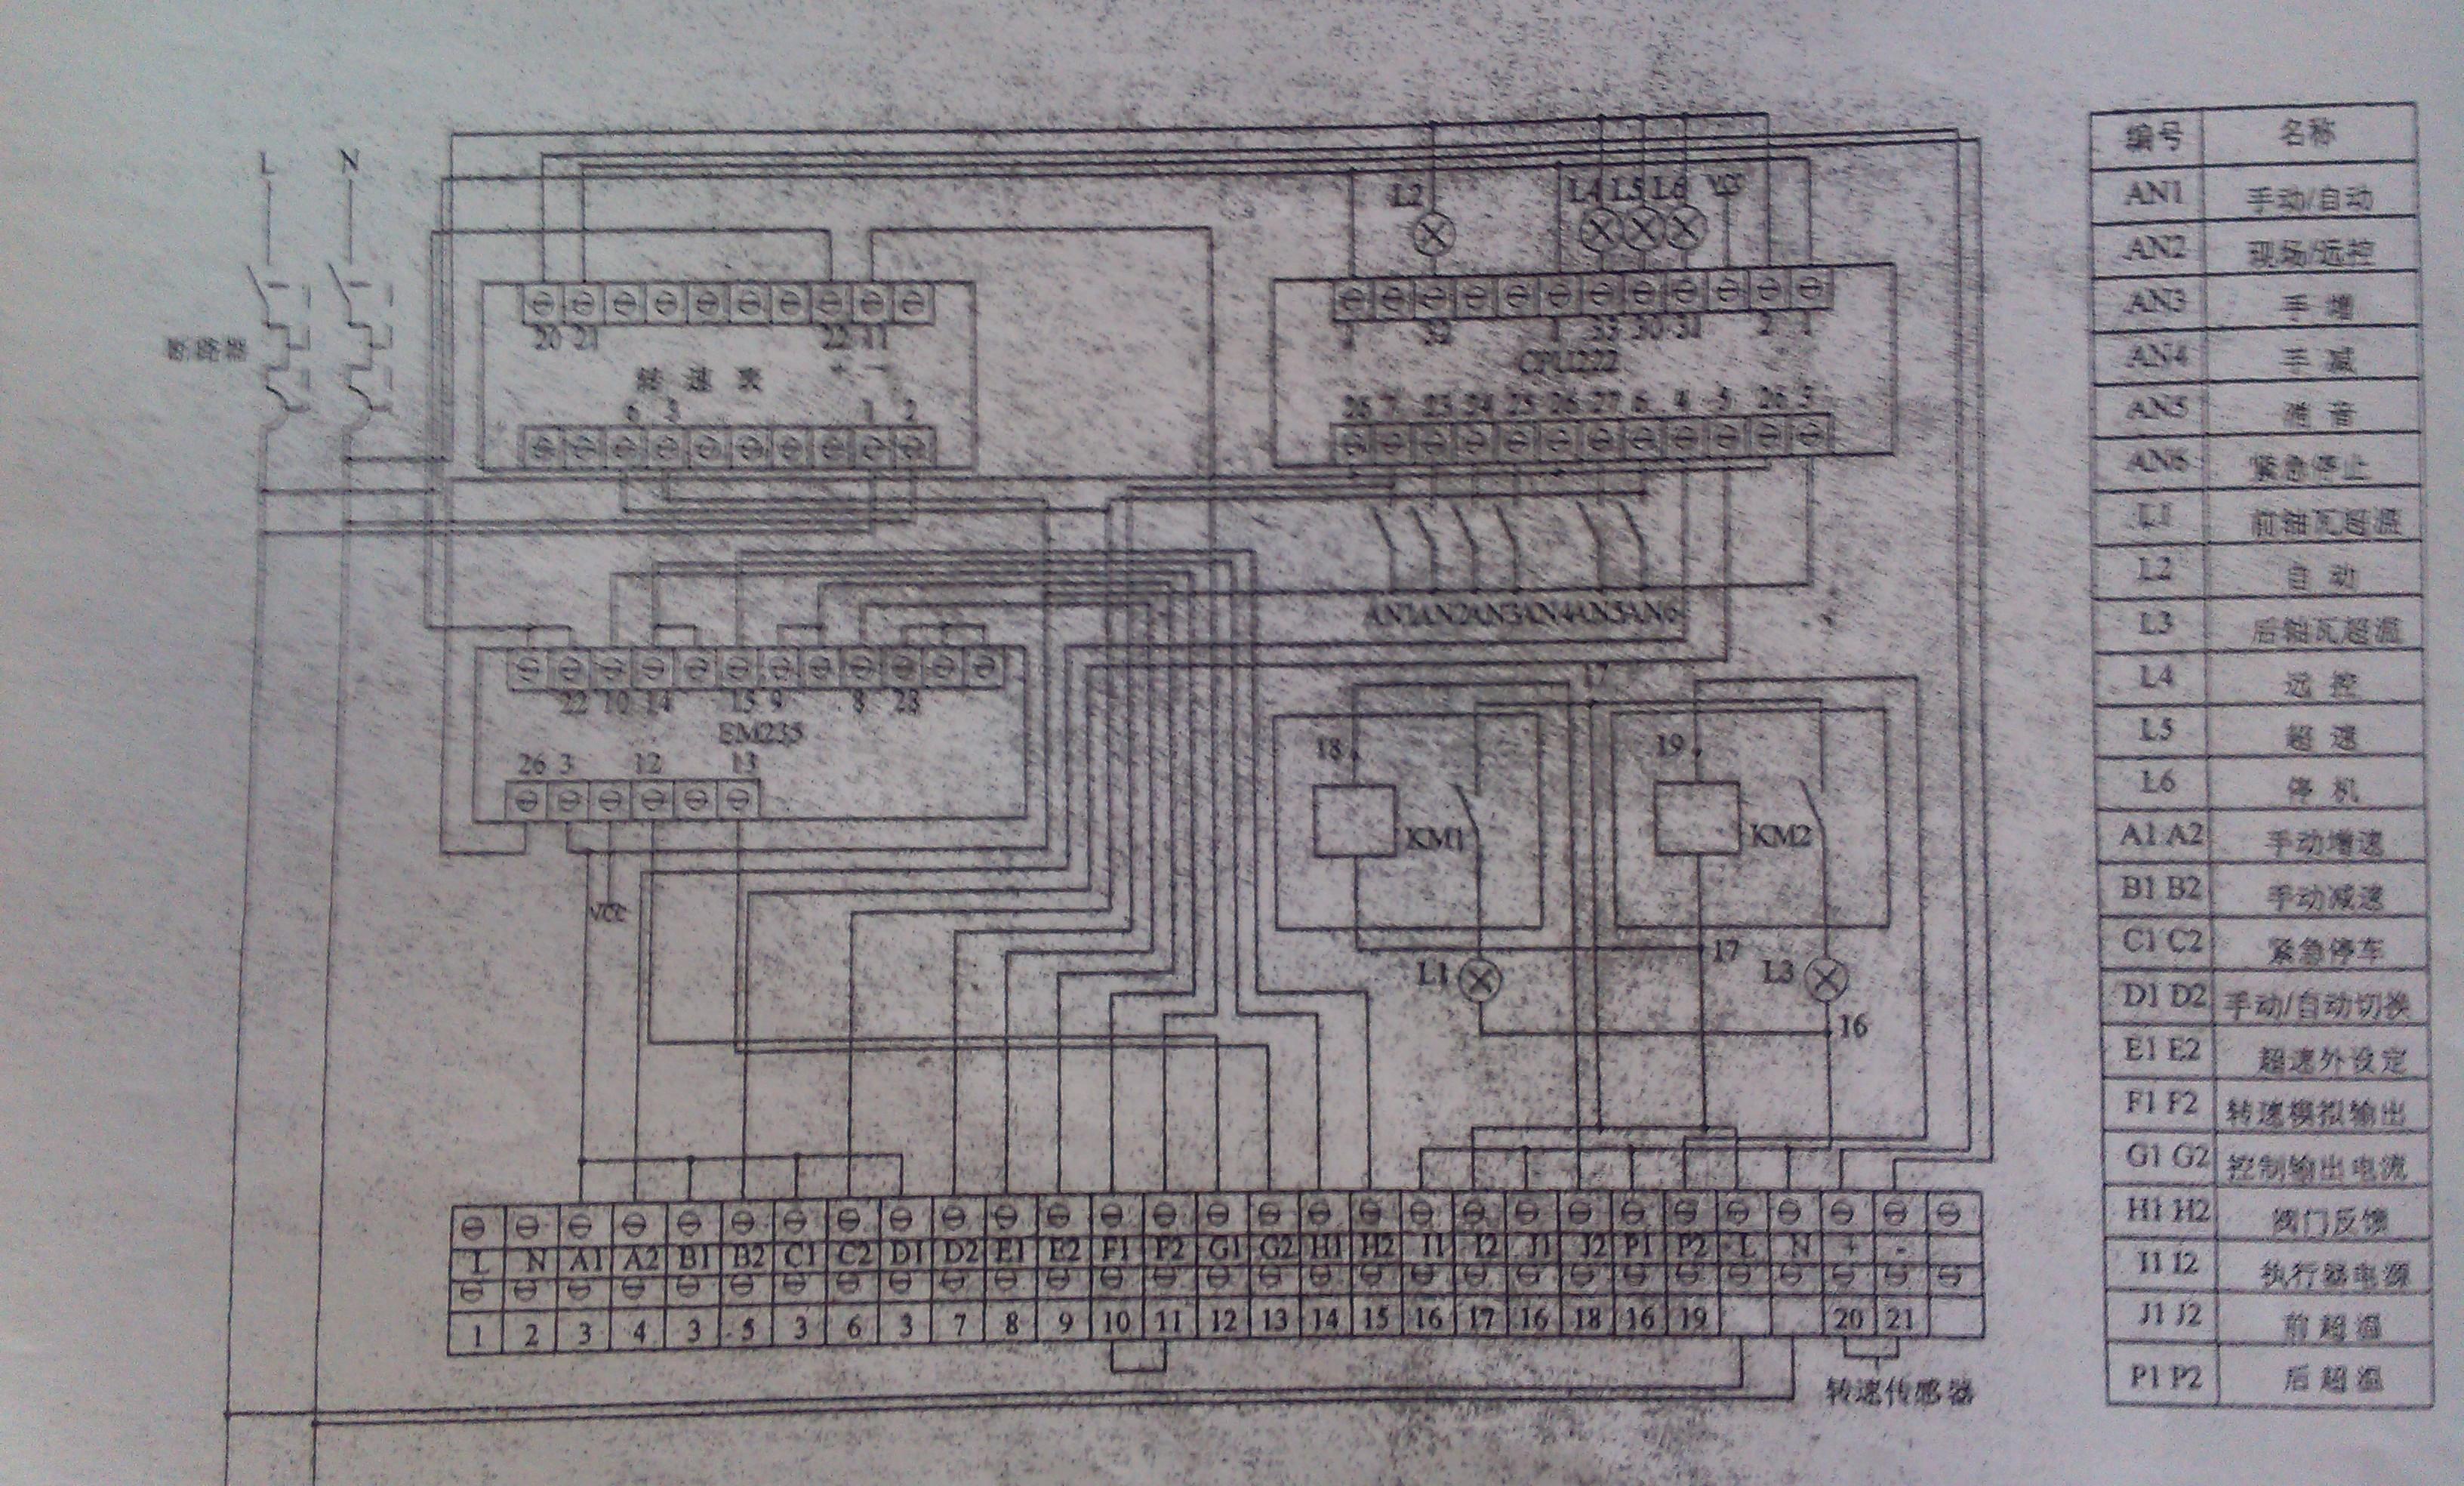 西门子200接线图